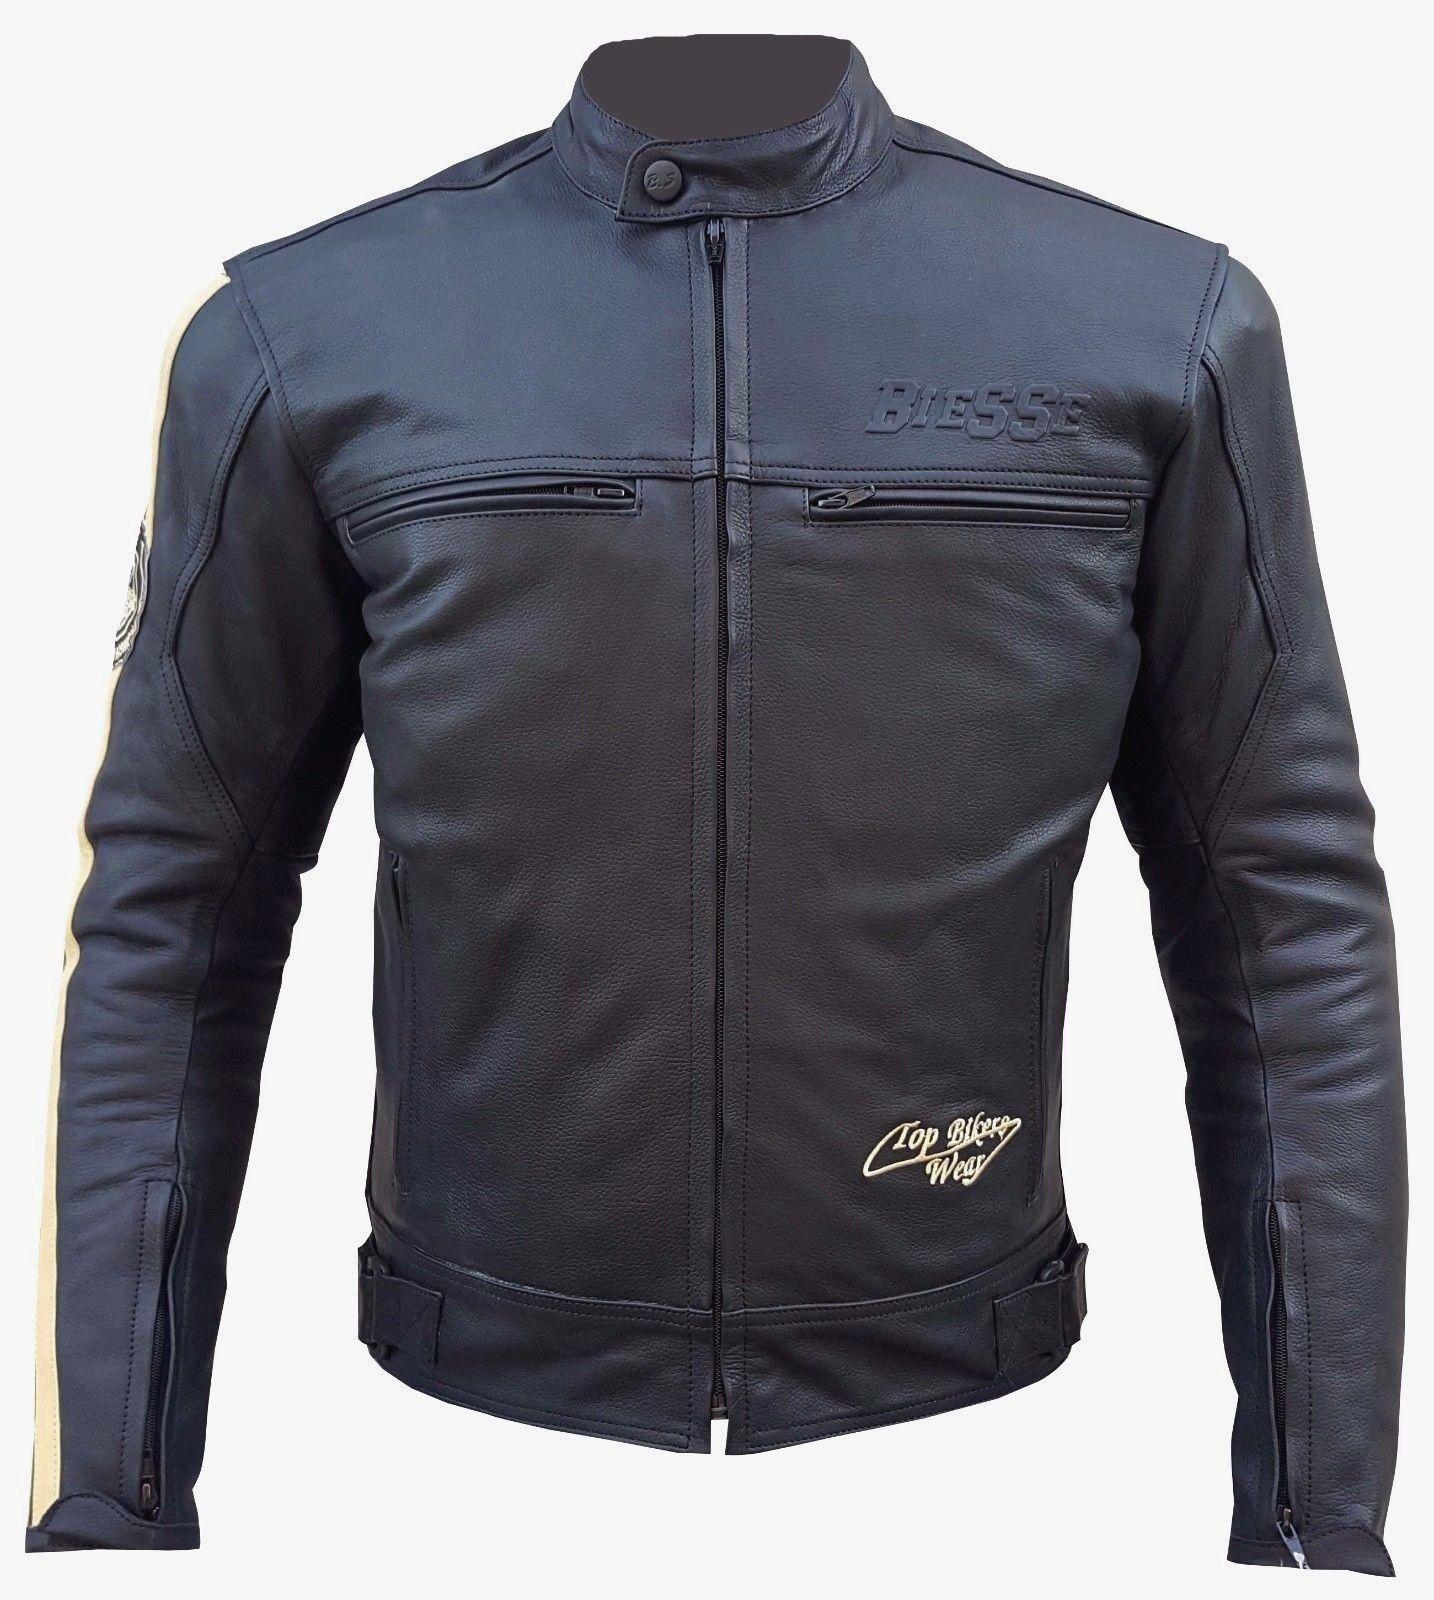 Giacca Giubbotto Moto Pelle Uomo Protezioni CE XS S M L XL XXL XXXXL 58 VINTAGE